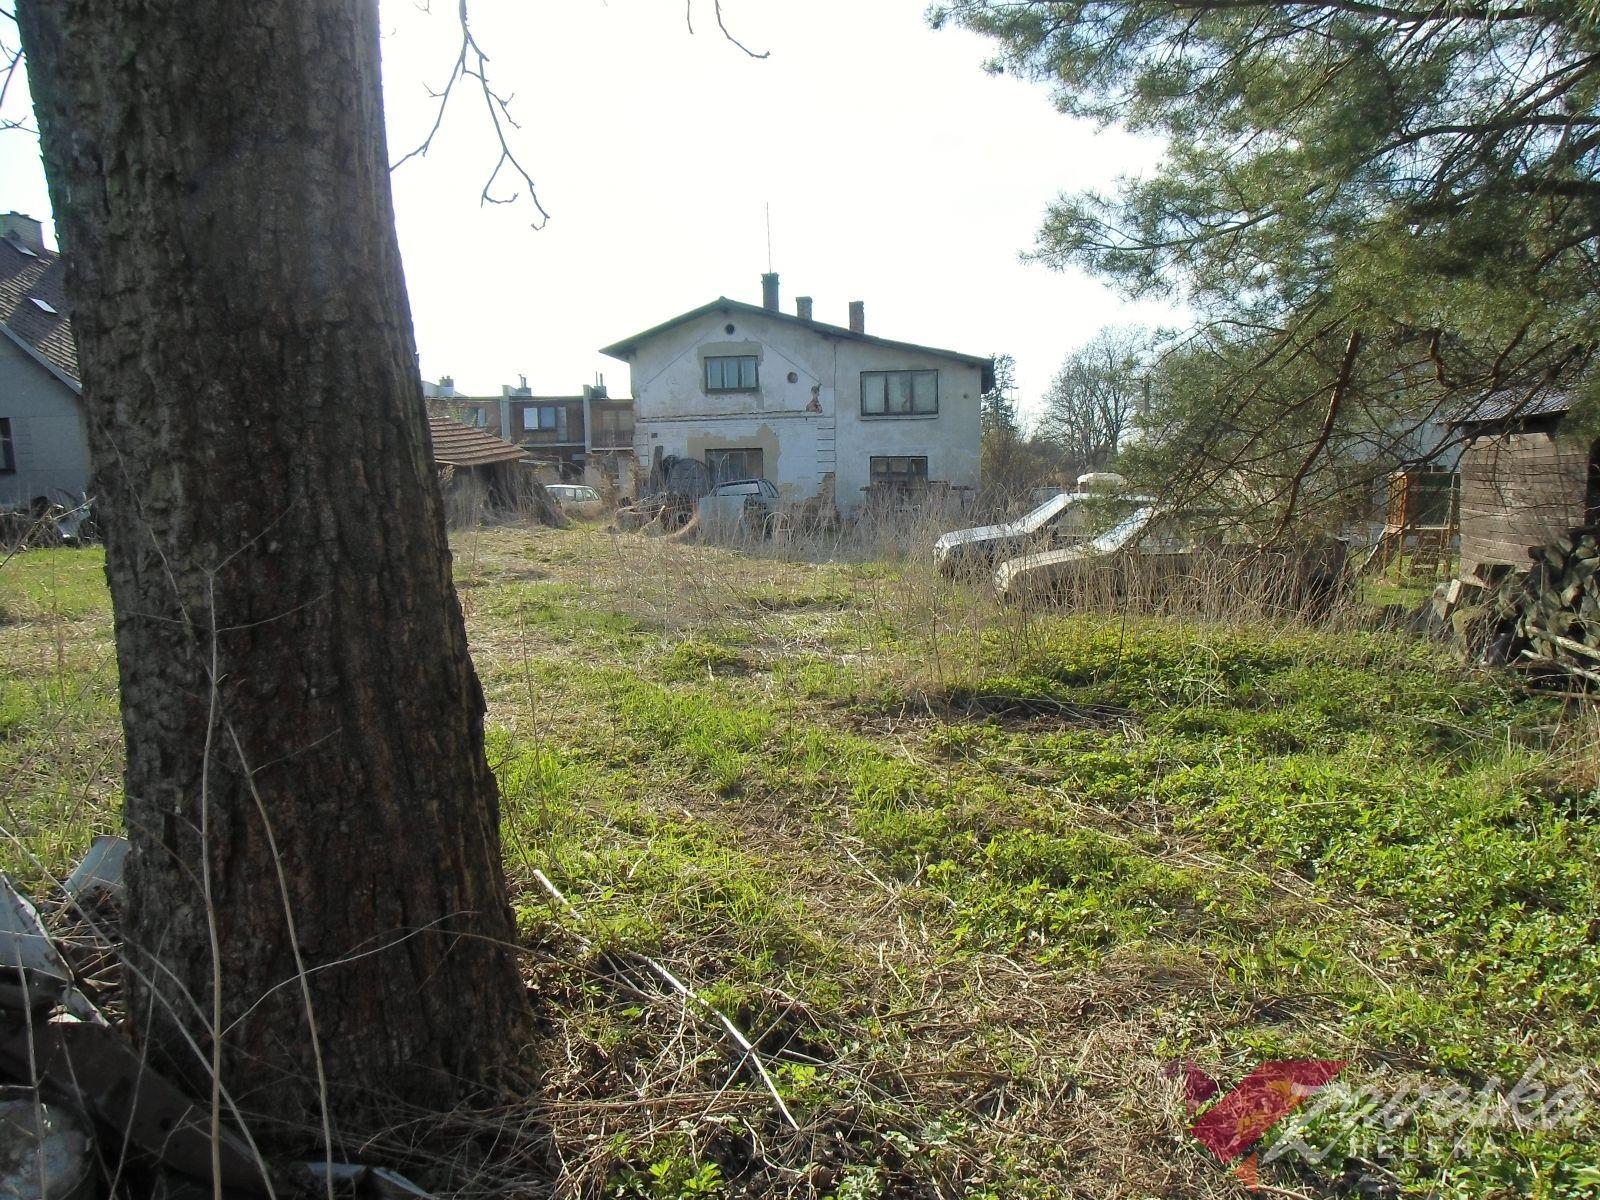 Prodej, rodinný dům, pozemek 1346 m2, Český Ráj, Jičín, Libuň